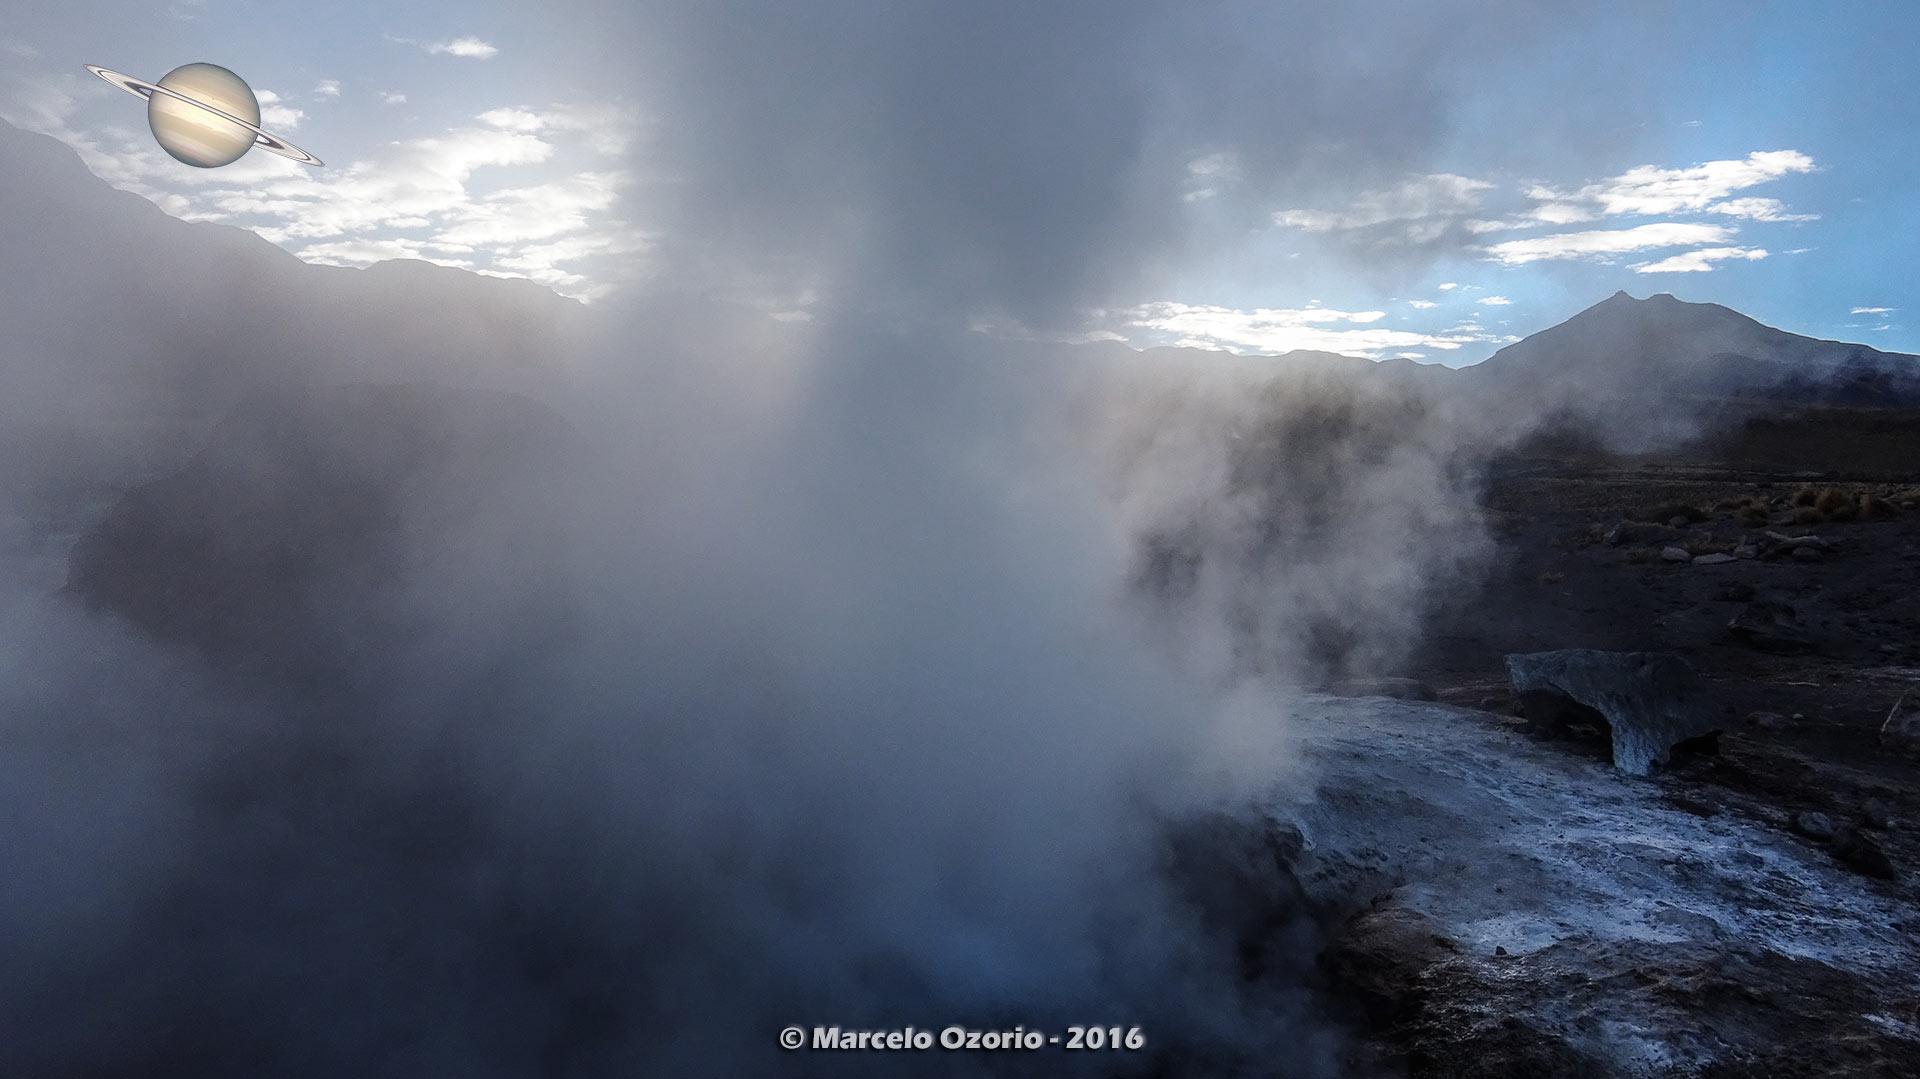 el tatio geysers atacama desert 4 - The Surreal El Tatio Geysers - Atacama Desert - Chile